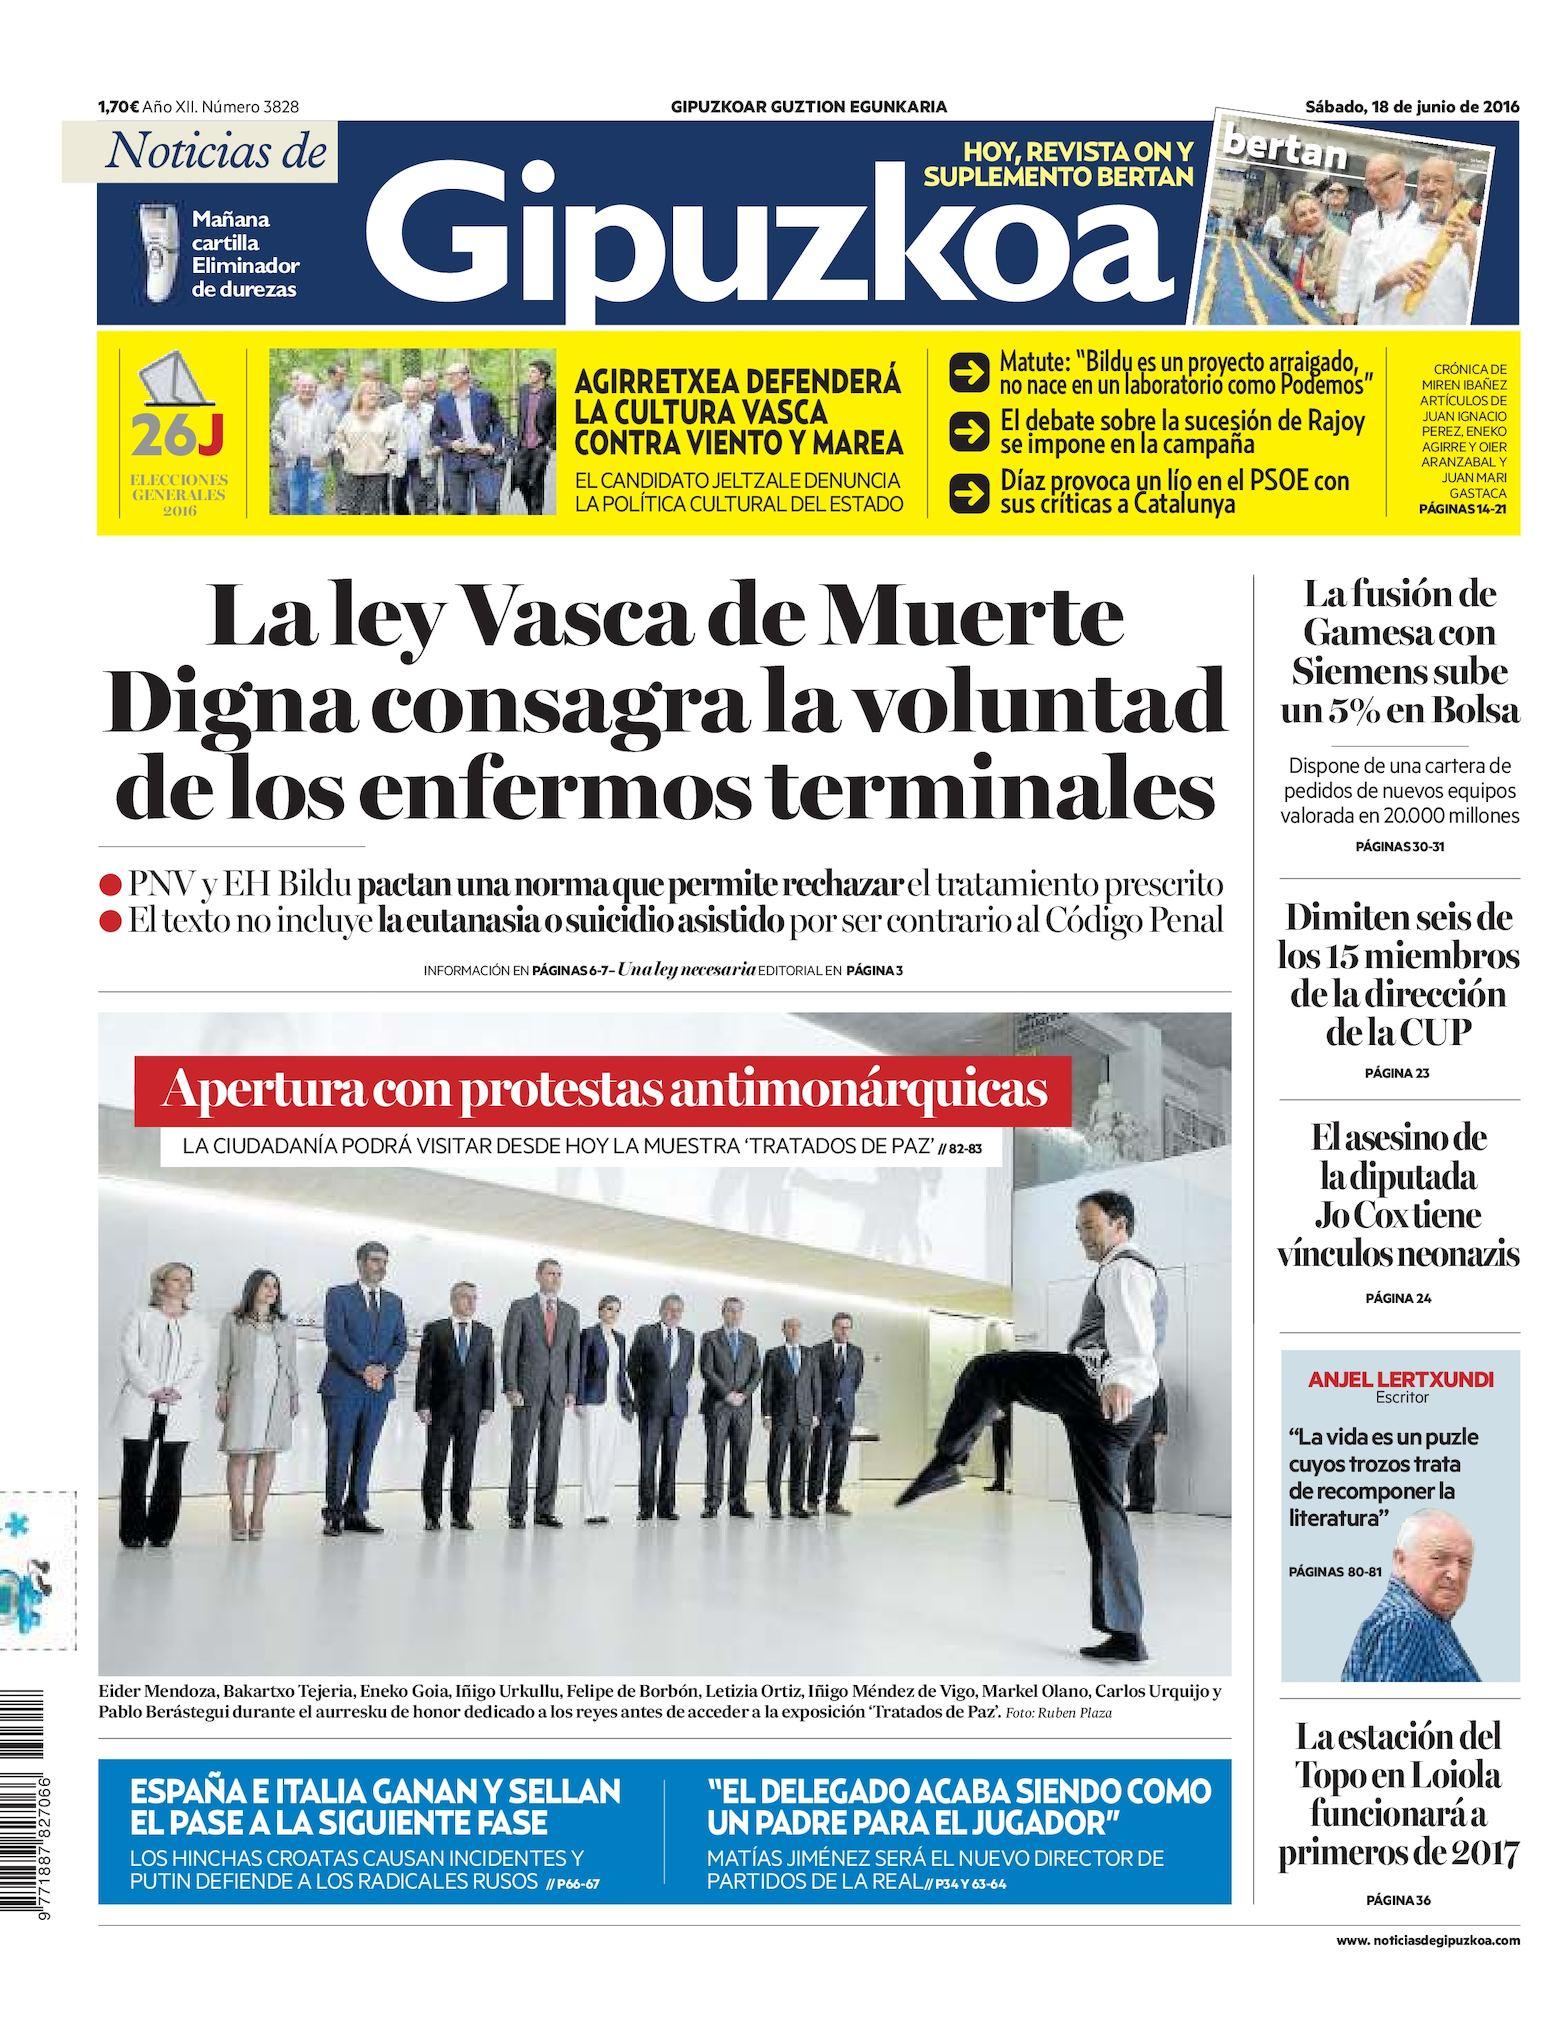 Calaméo - Noticias de Gipuzkoa 20160618